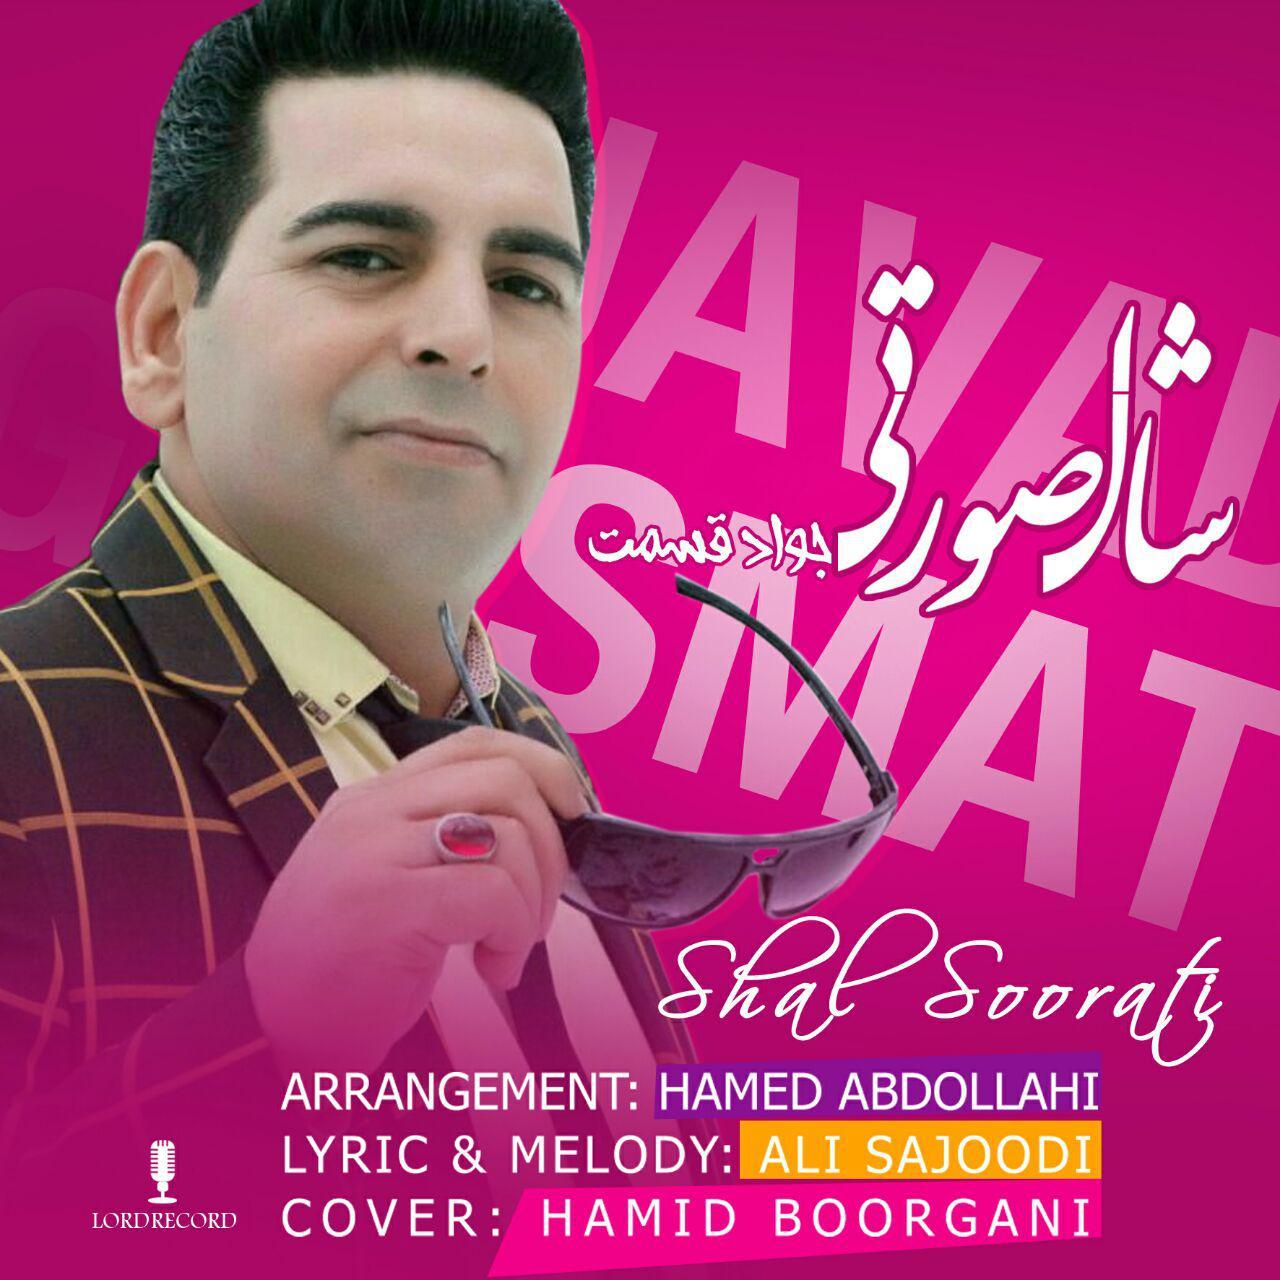 Javad Ghesmat – Shal Soorati